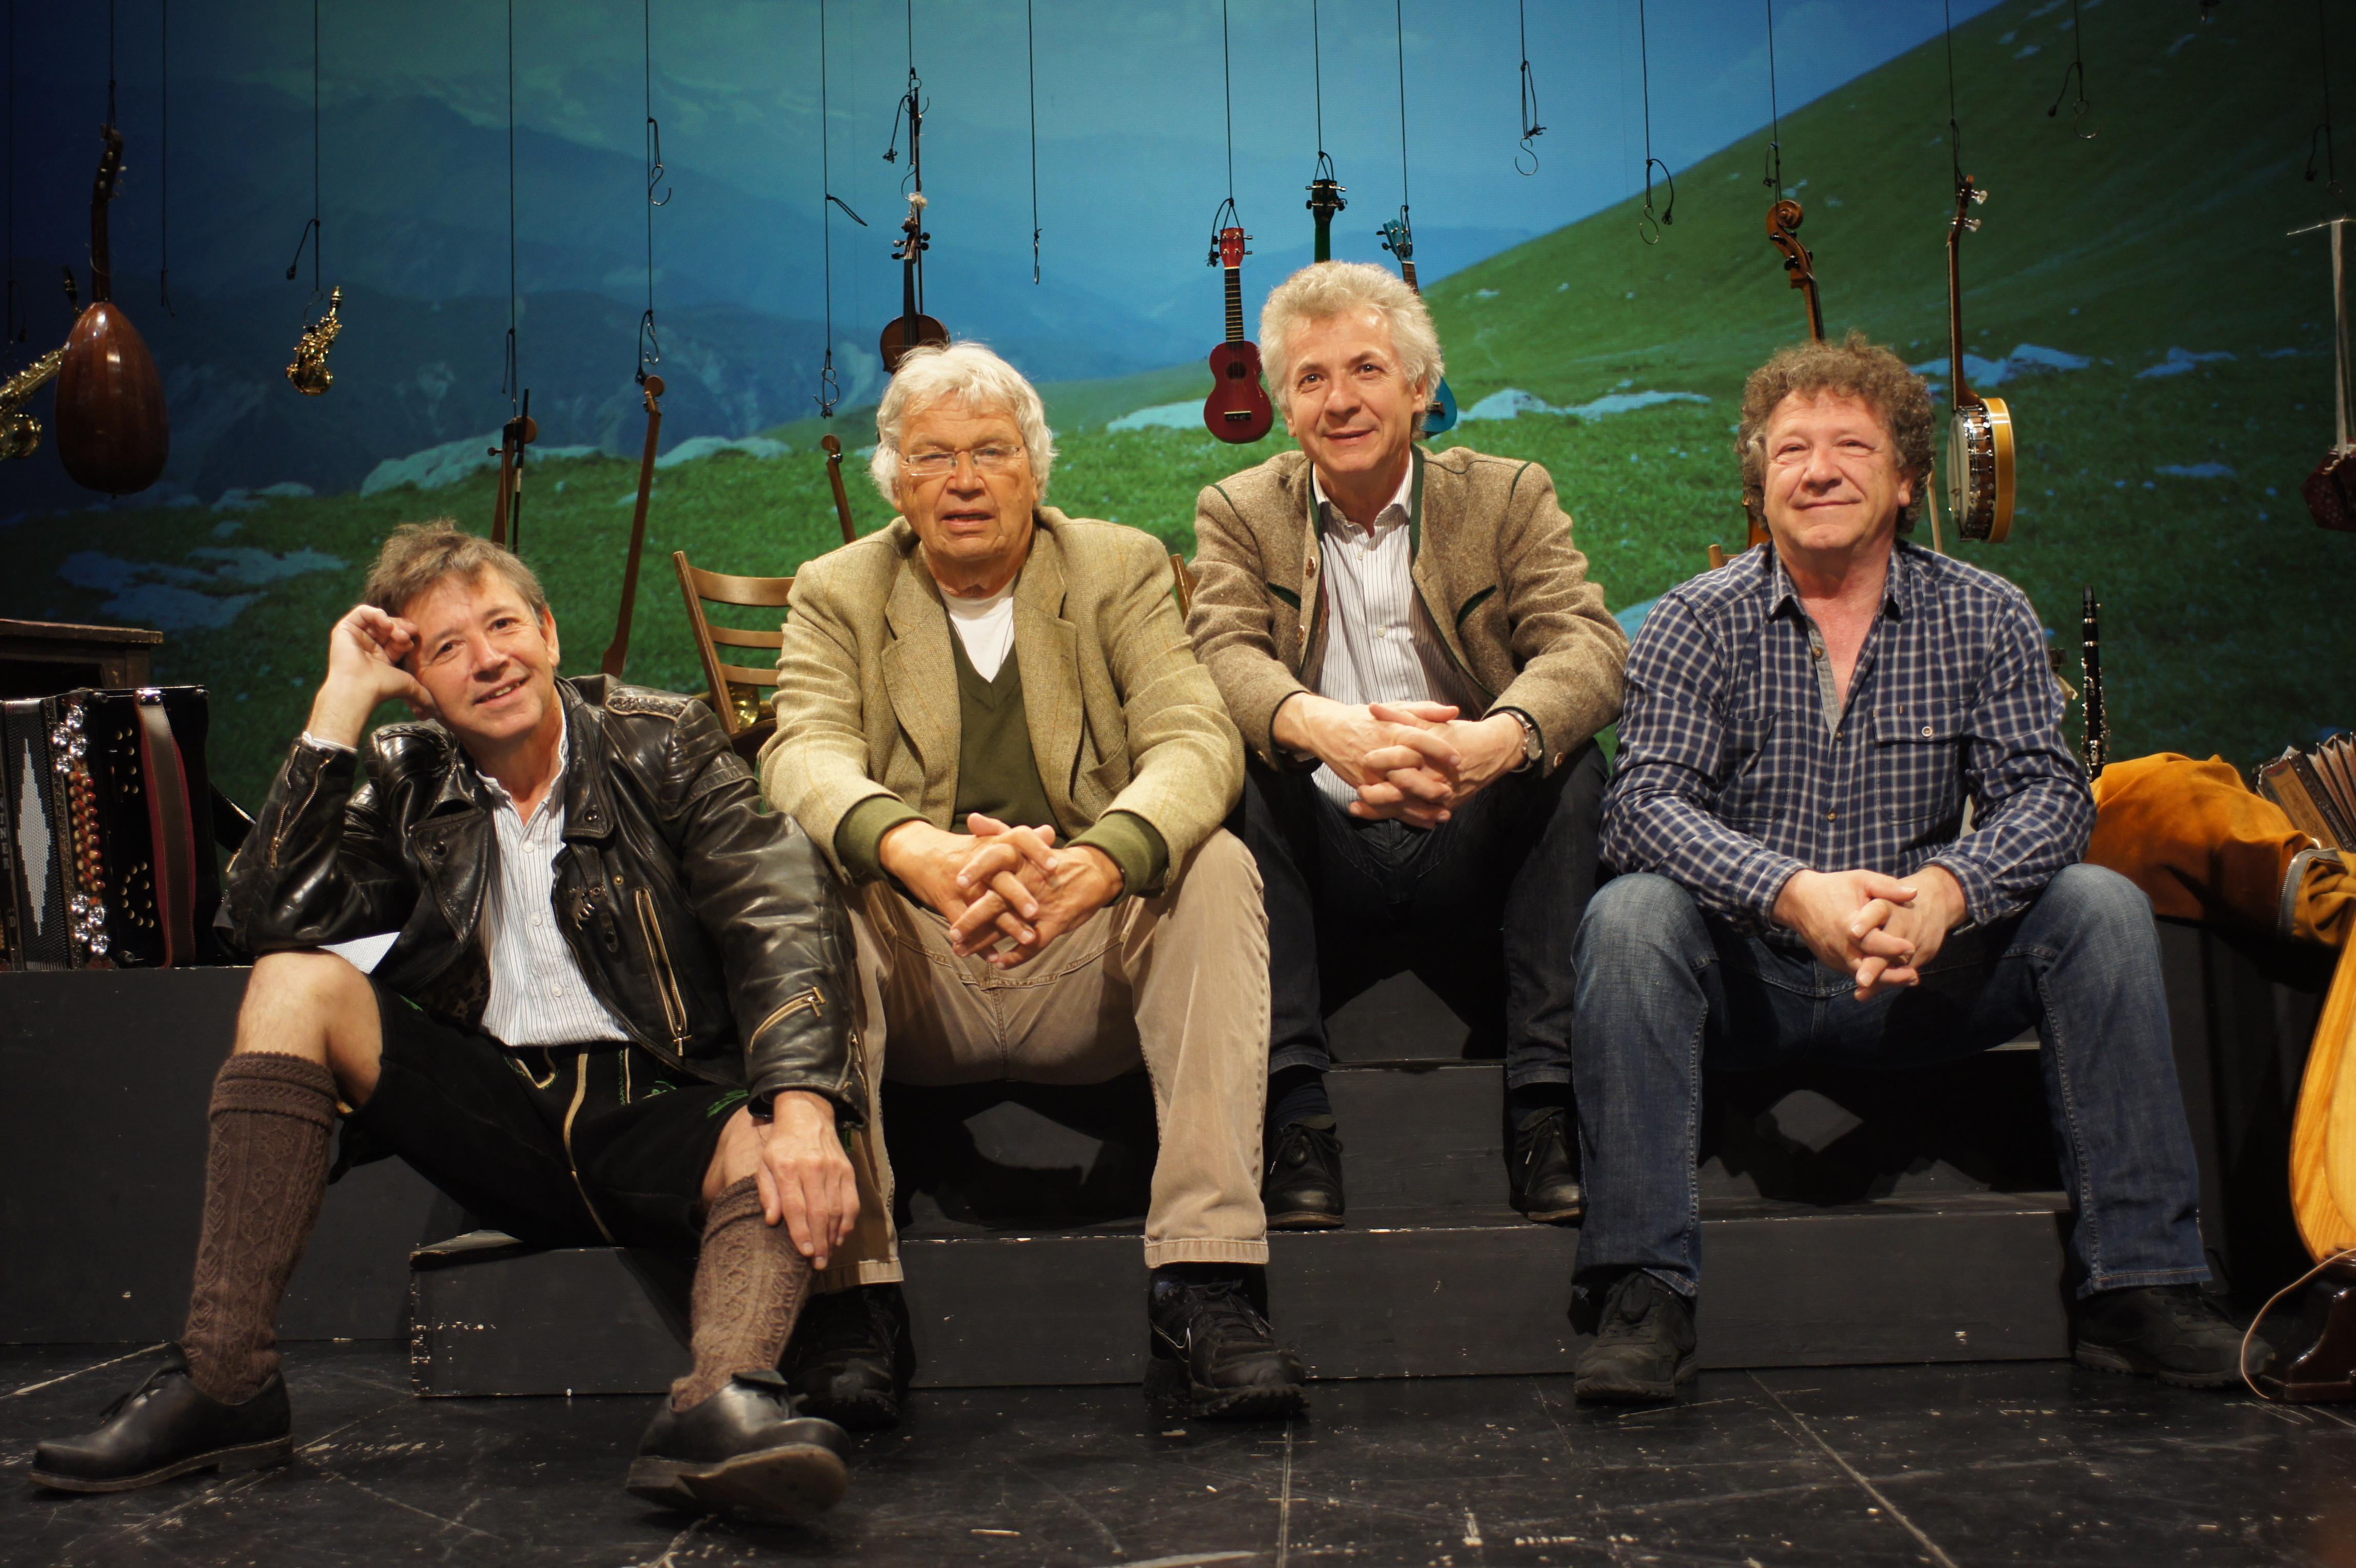 FGerhard Polt & die Well-Brüder aus'm Biermoos Foto: wellbrueder.de Abdruck bei Nennung des Fotocredits honorarfrei